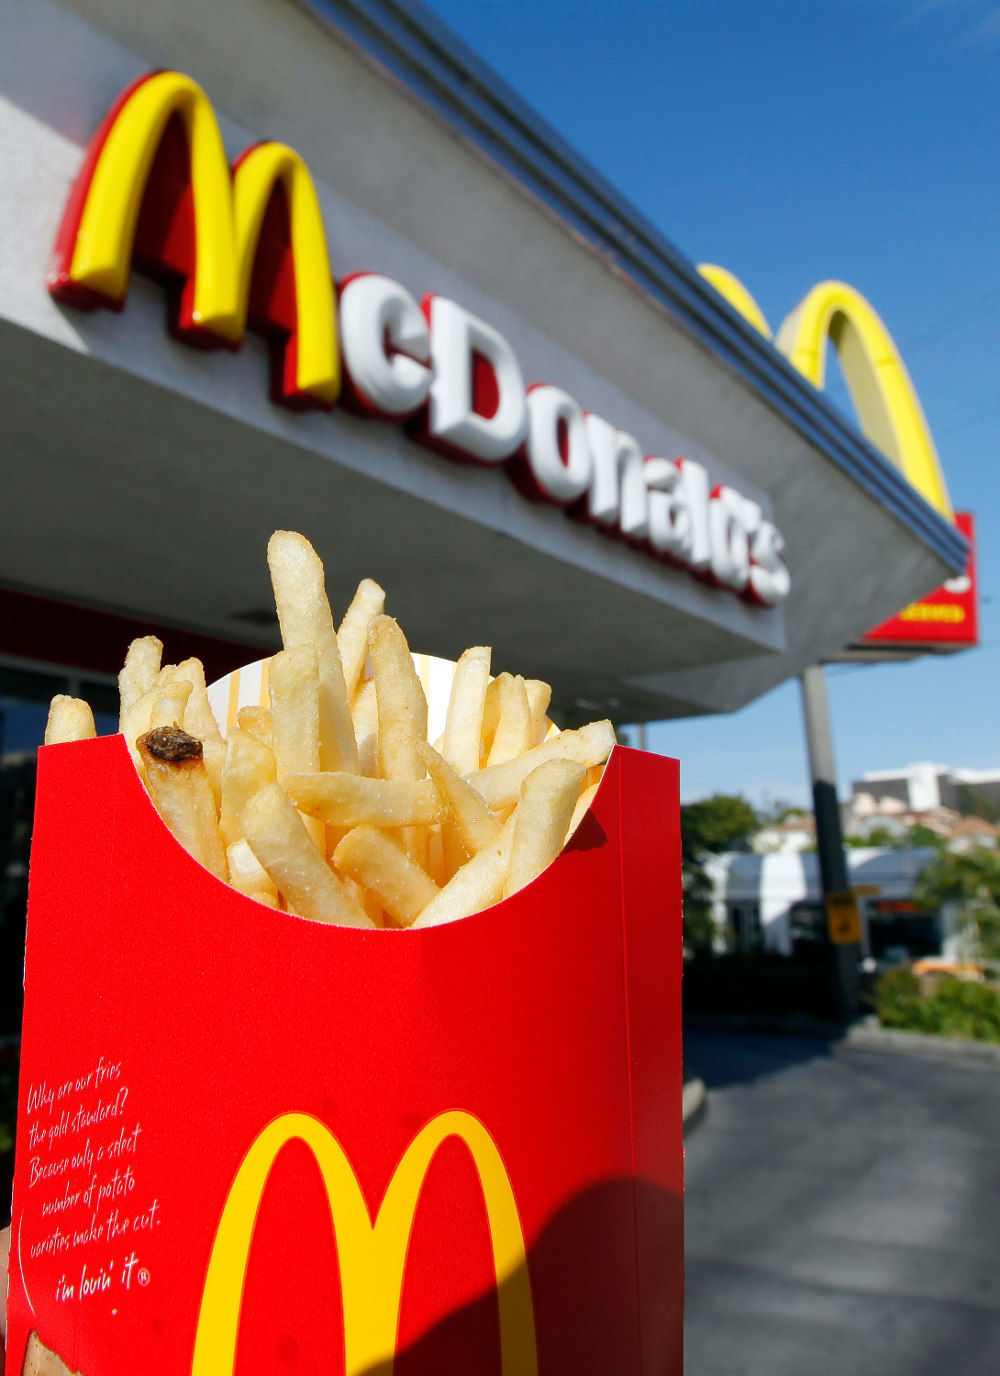 Χιλιάδες μερίδες πατάτες μοιράζουν δωρεάν τα McDonalds στο Οντάριο, κάθε φορά που οι Τορόντο Ράπτορς πετυχαίνουν 12 τρίποντα σε έναν αγώνα